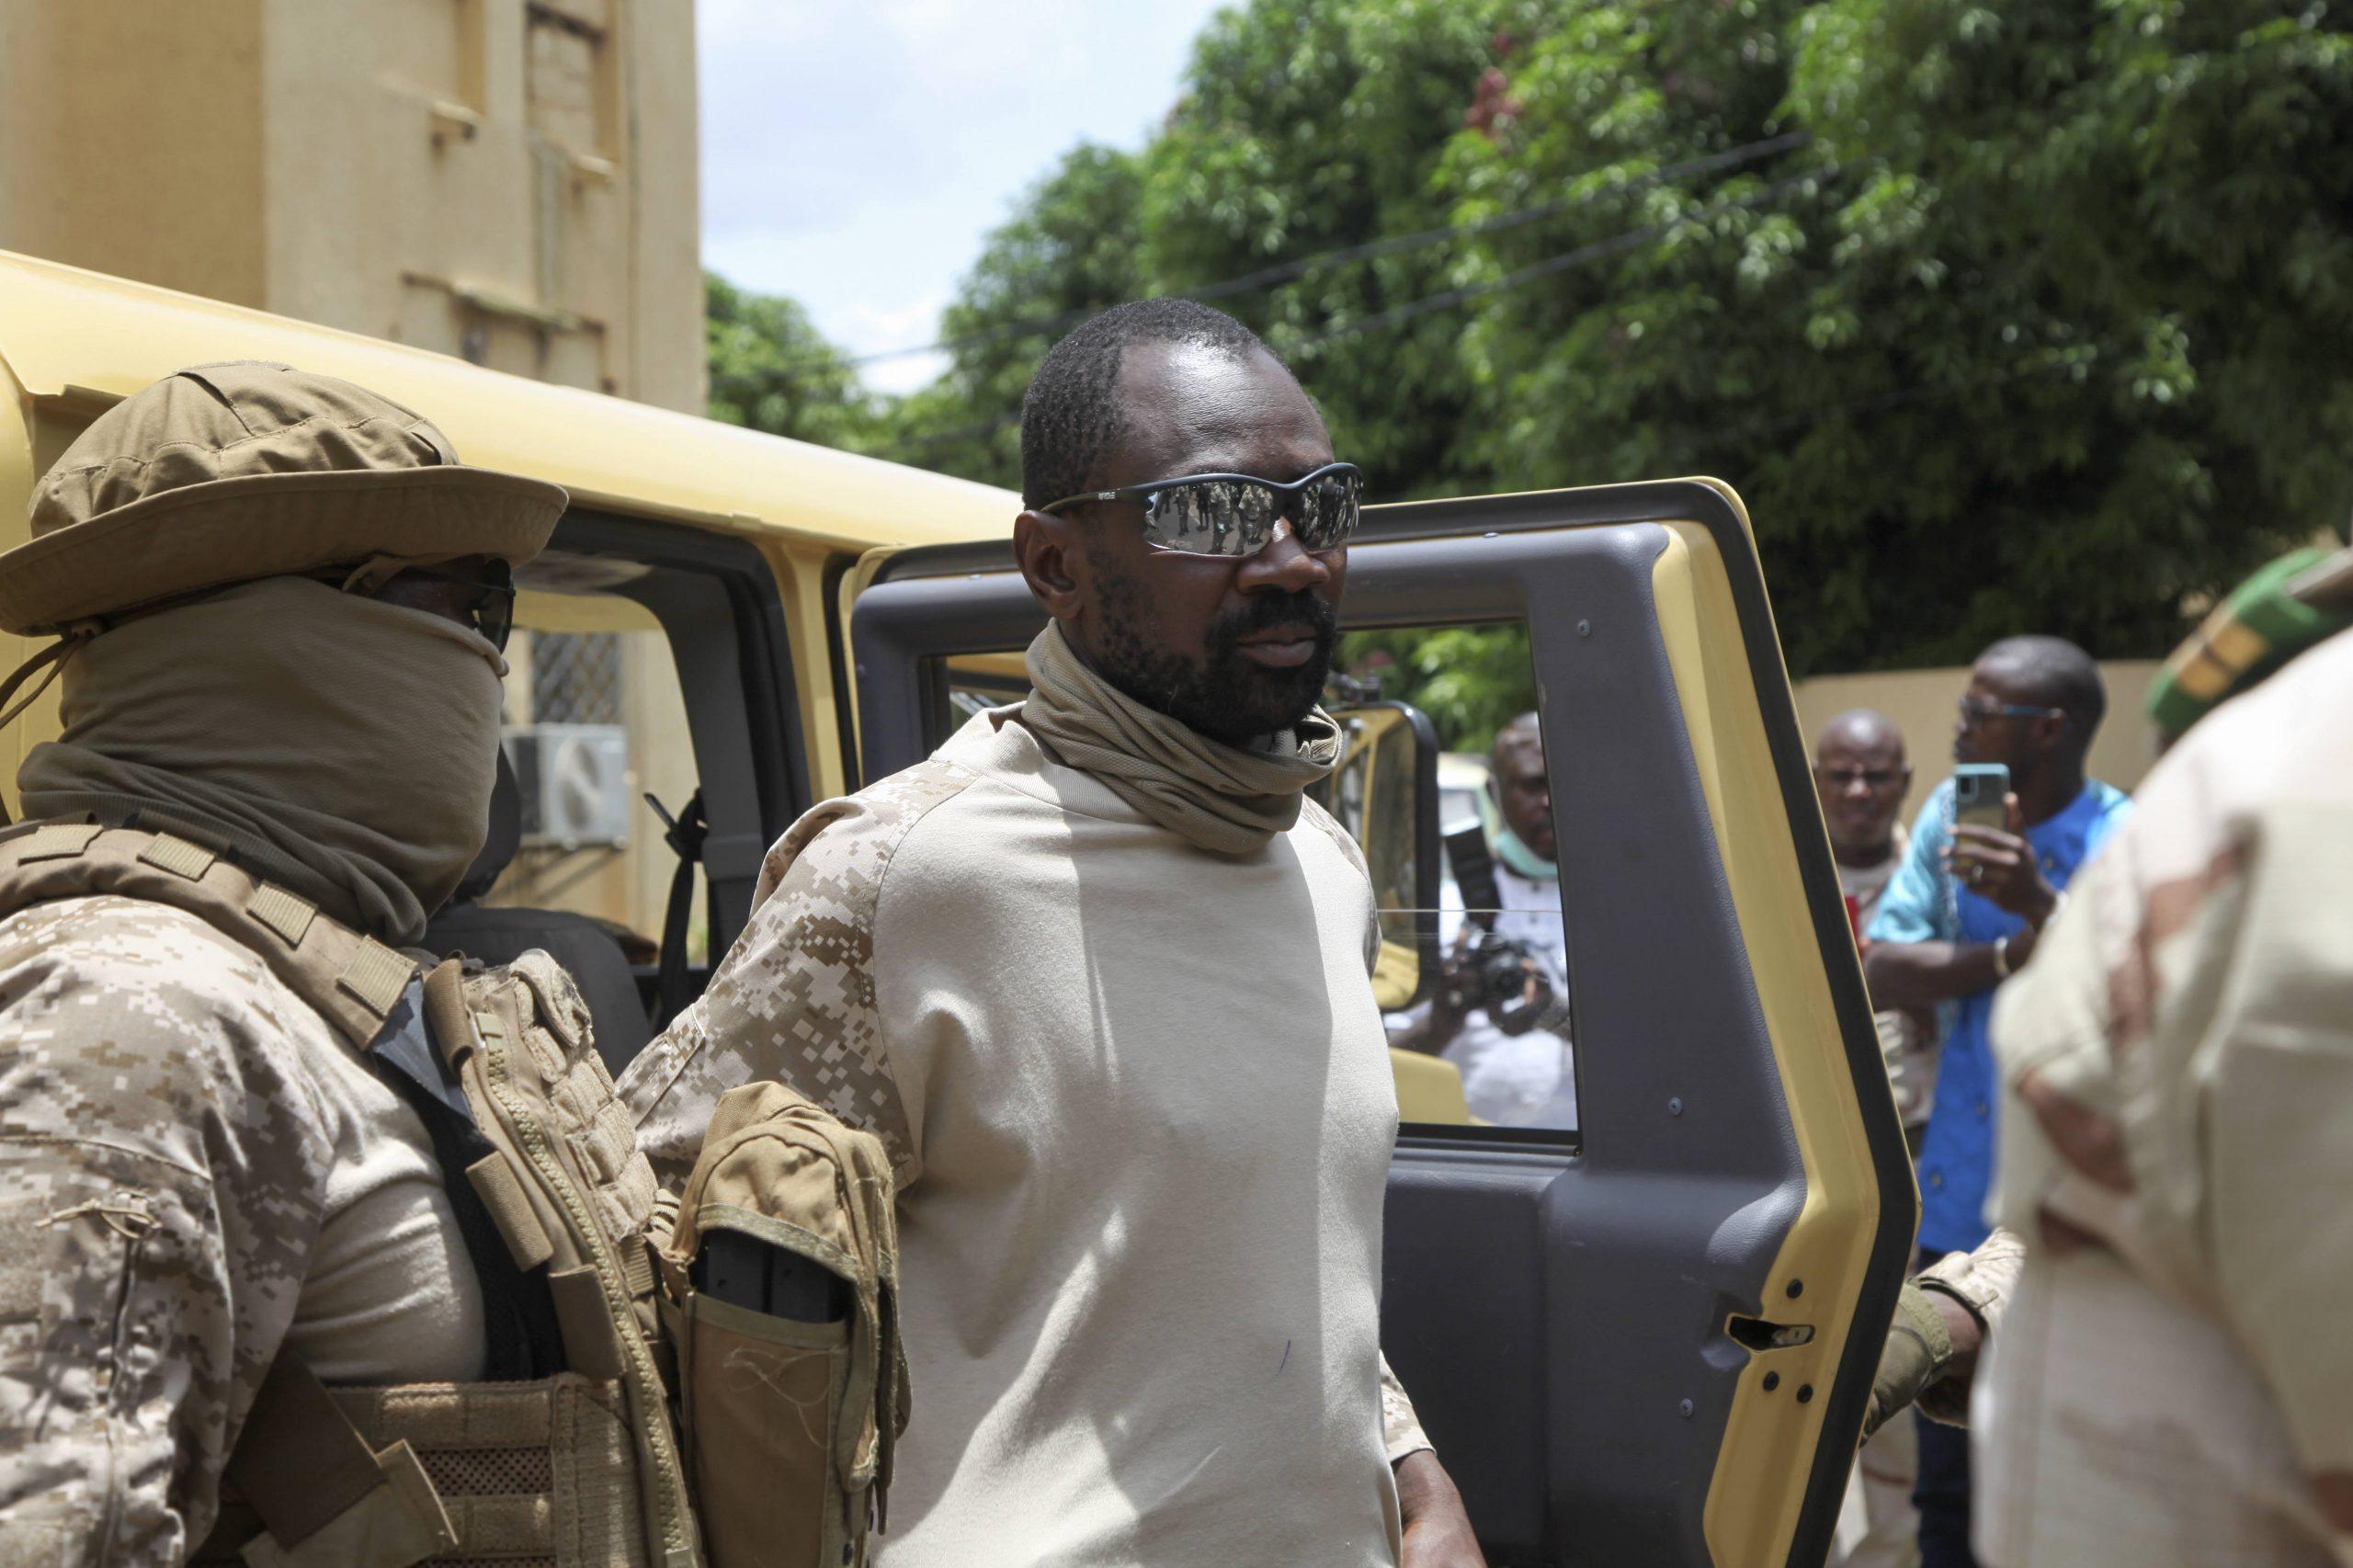 Le colonel Assimi Goïta, président du CNSP, avant une rencontre avec Goodluck Jonathan, le médiateur de la Cedeao, le 24 août 2020 à Bamako.